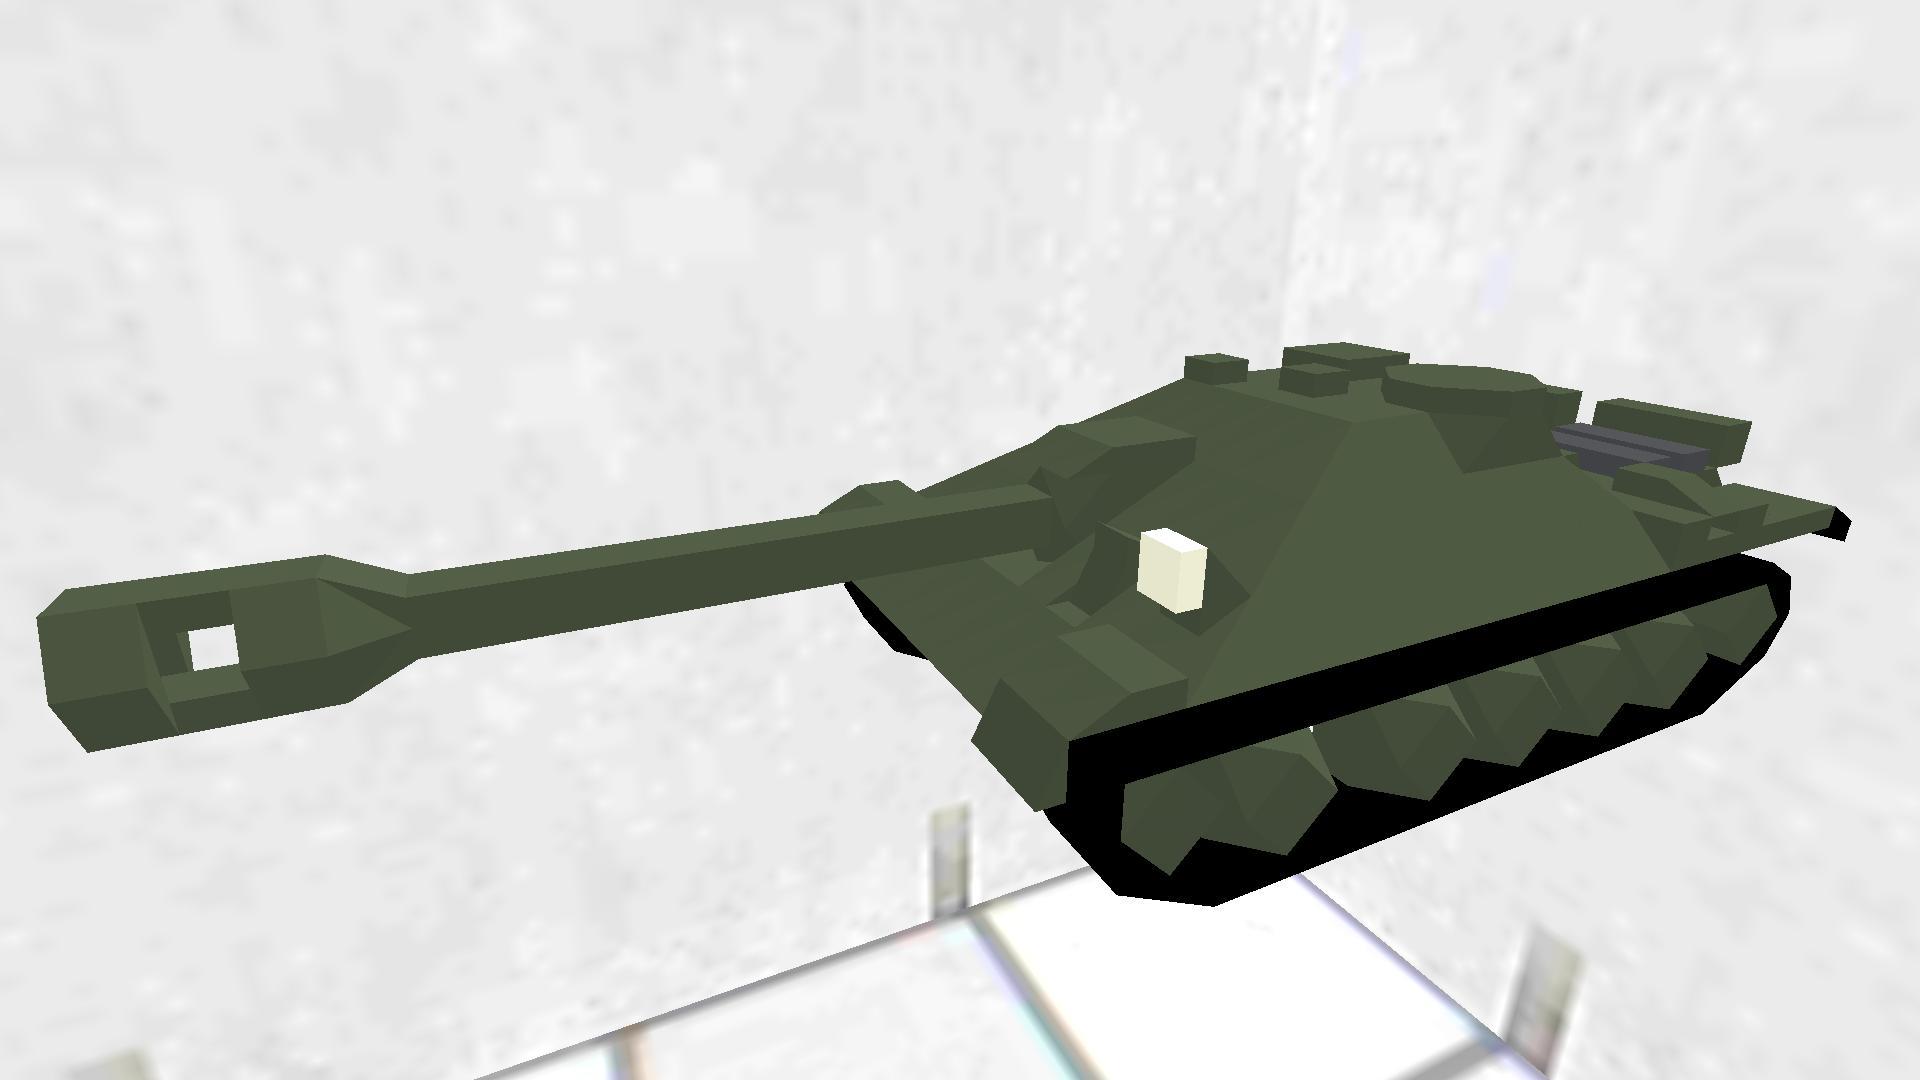 SU-122-44 無料vr